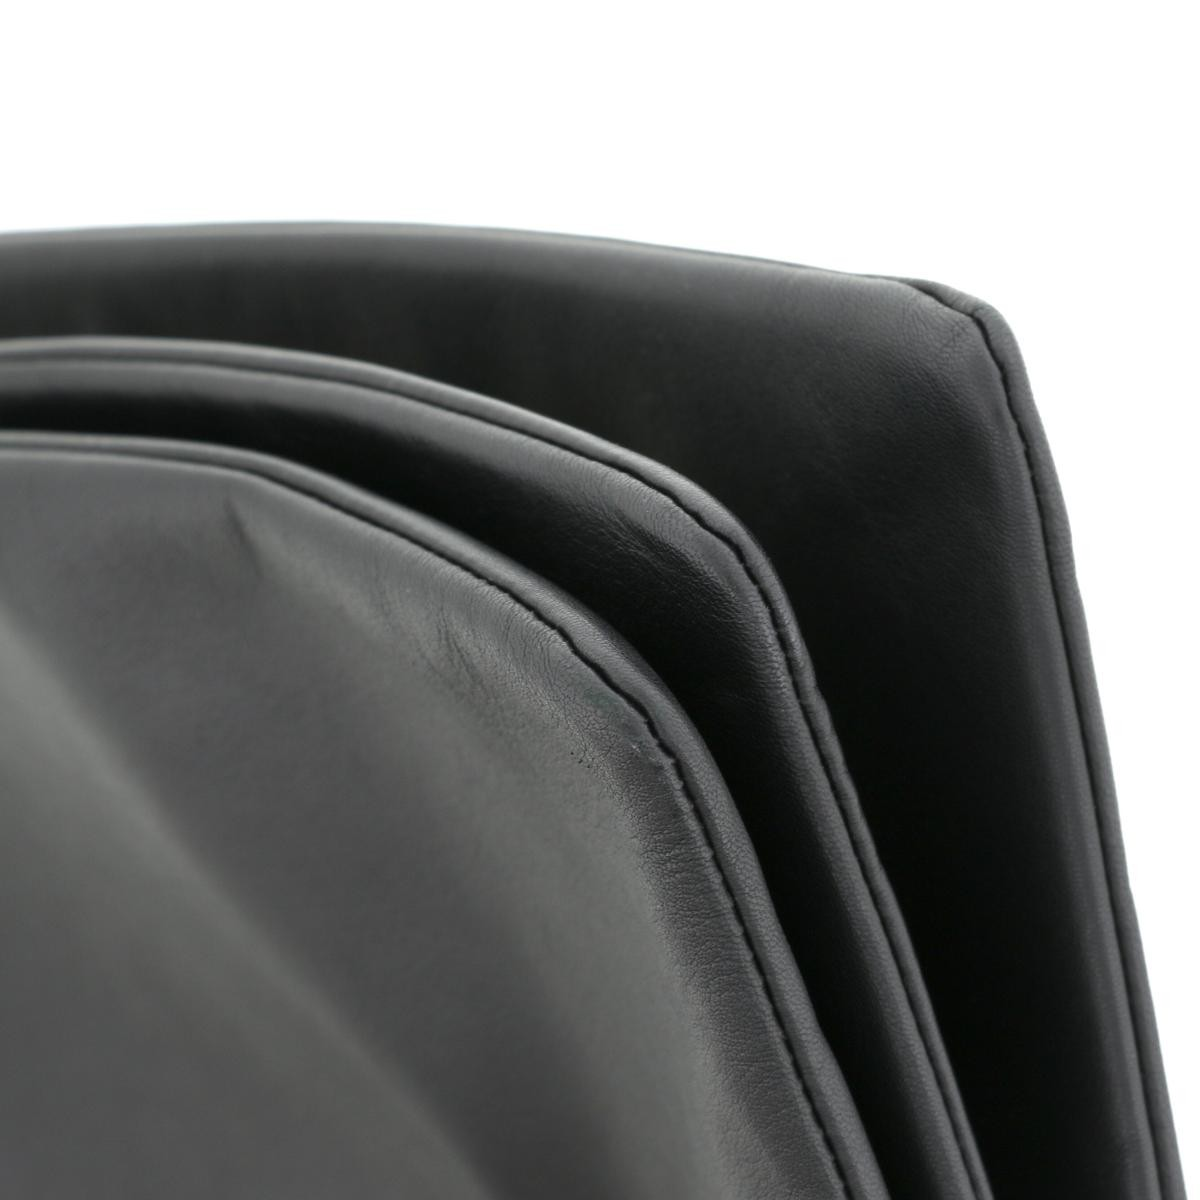 【SALE】【中古】CELINE セリーヌ ラージトリオ バッグ ショルダー/メッセンジャーバッグ TRIO Black/ブラック 171453 used:B